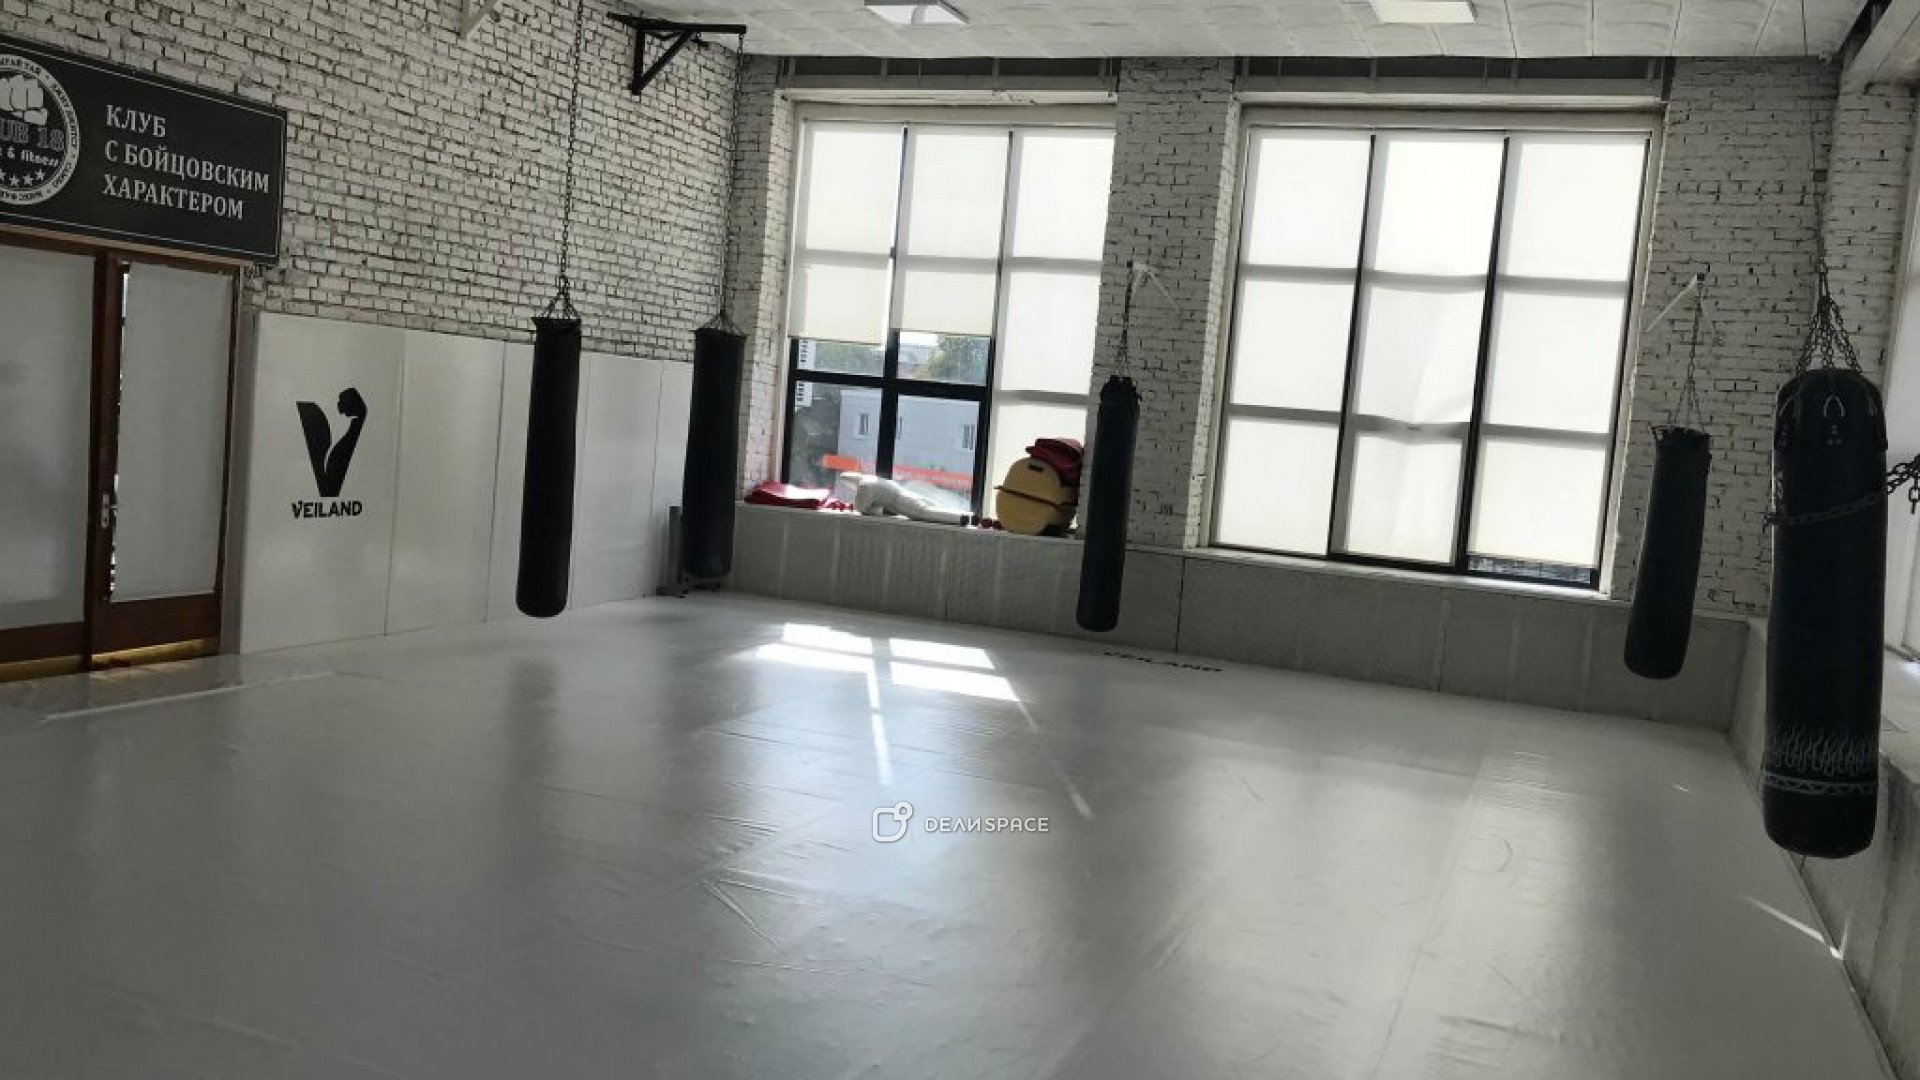 Мягкий зал №1 боевых искусств - фото №2